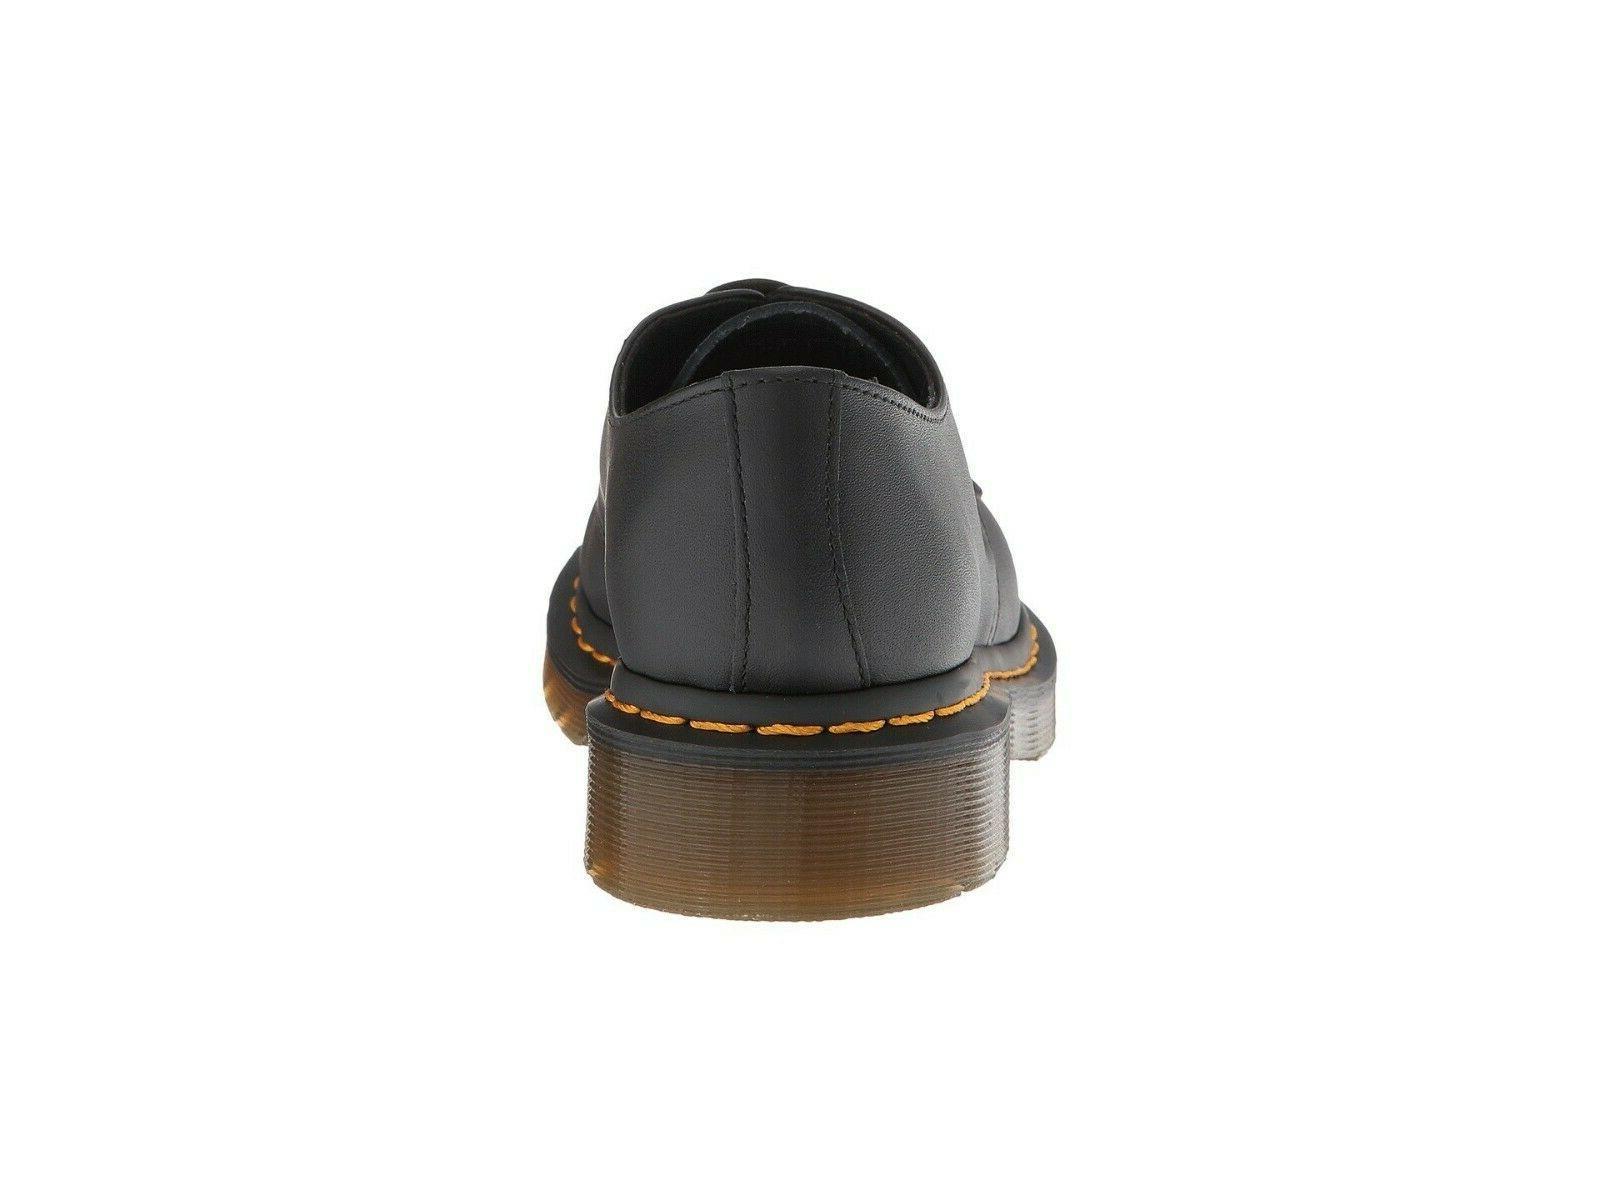 Women's Shoes 1461 VONDA Leather Floral Oxfords BLACK